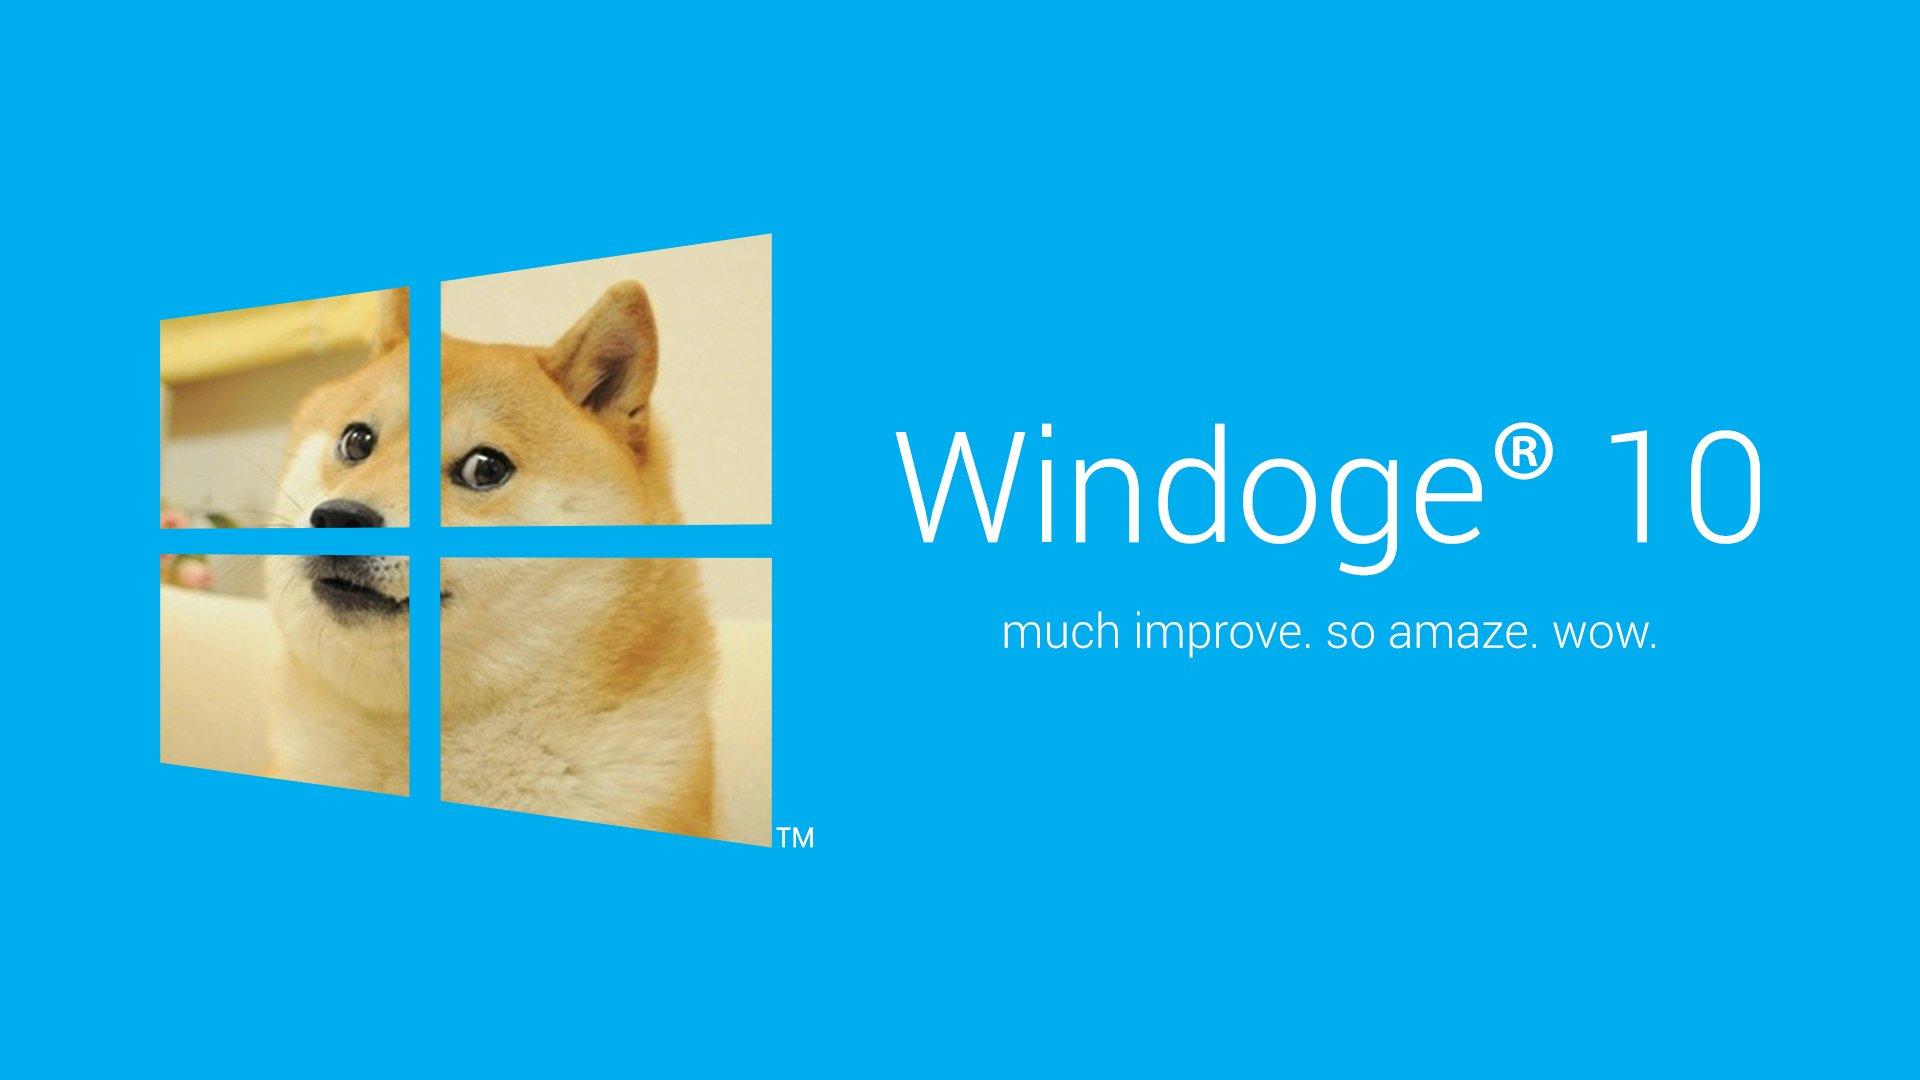 Windoge Wallpaper Windoge 10 18235 HD wa...